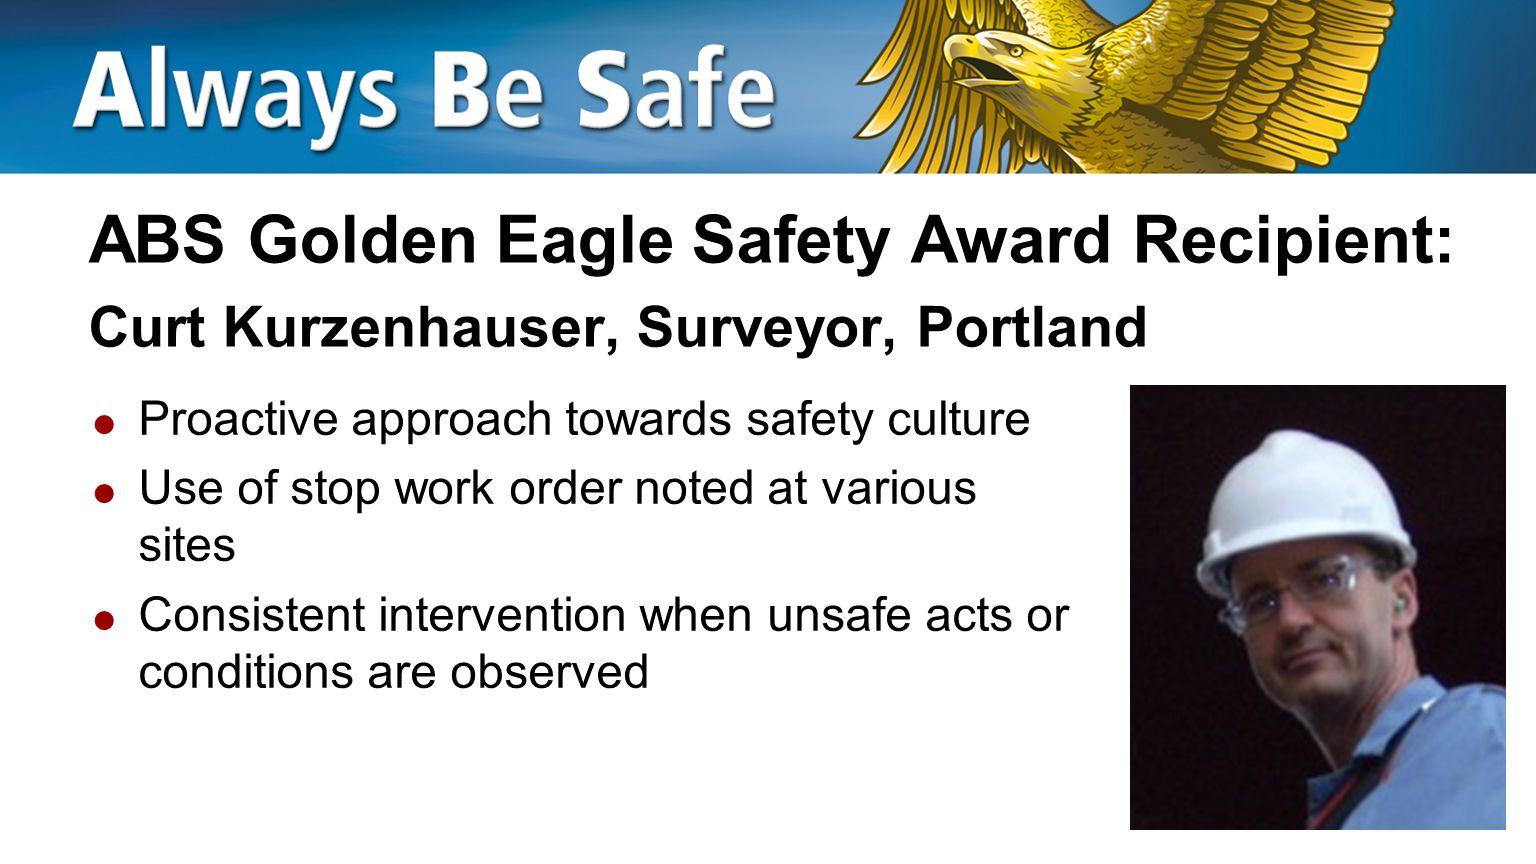 ABS Golden Eagle Safety Award Recipient: Curt Kurzenhauser, Surveyor, Portland